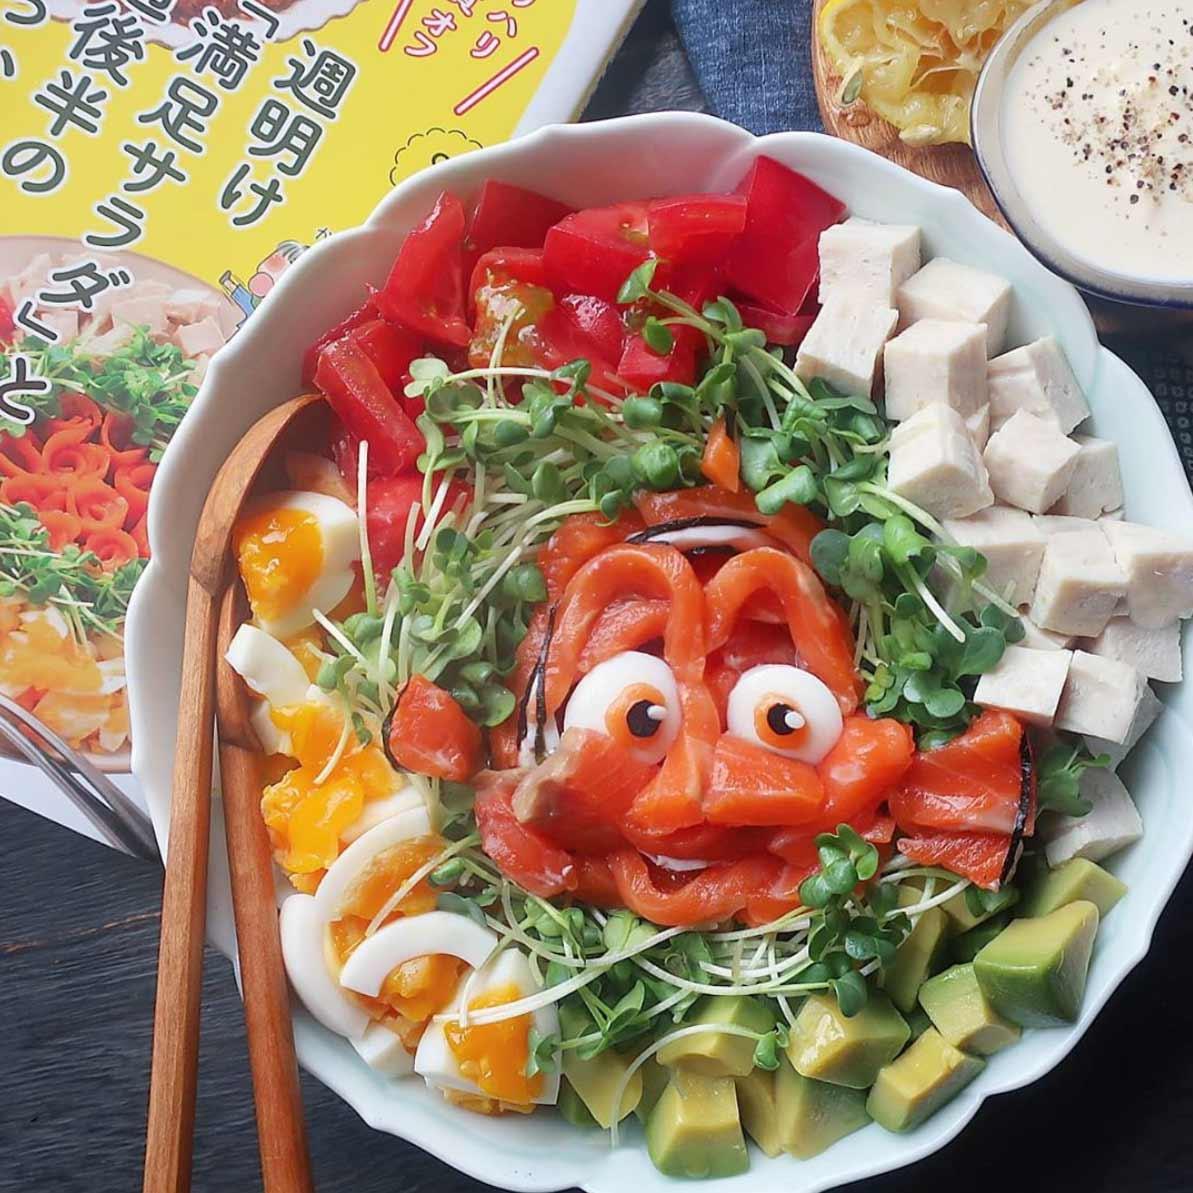 Kleine Lebensmittelkunstwerke von Etoni Mama Etoni-Mama-foodkunst_10